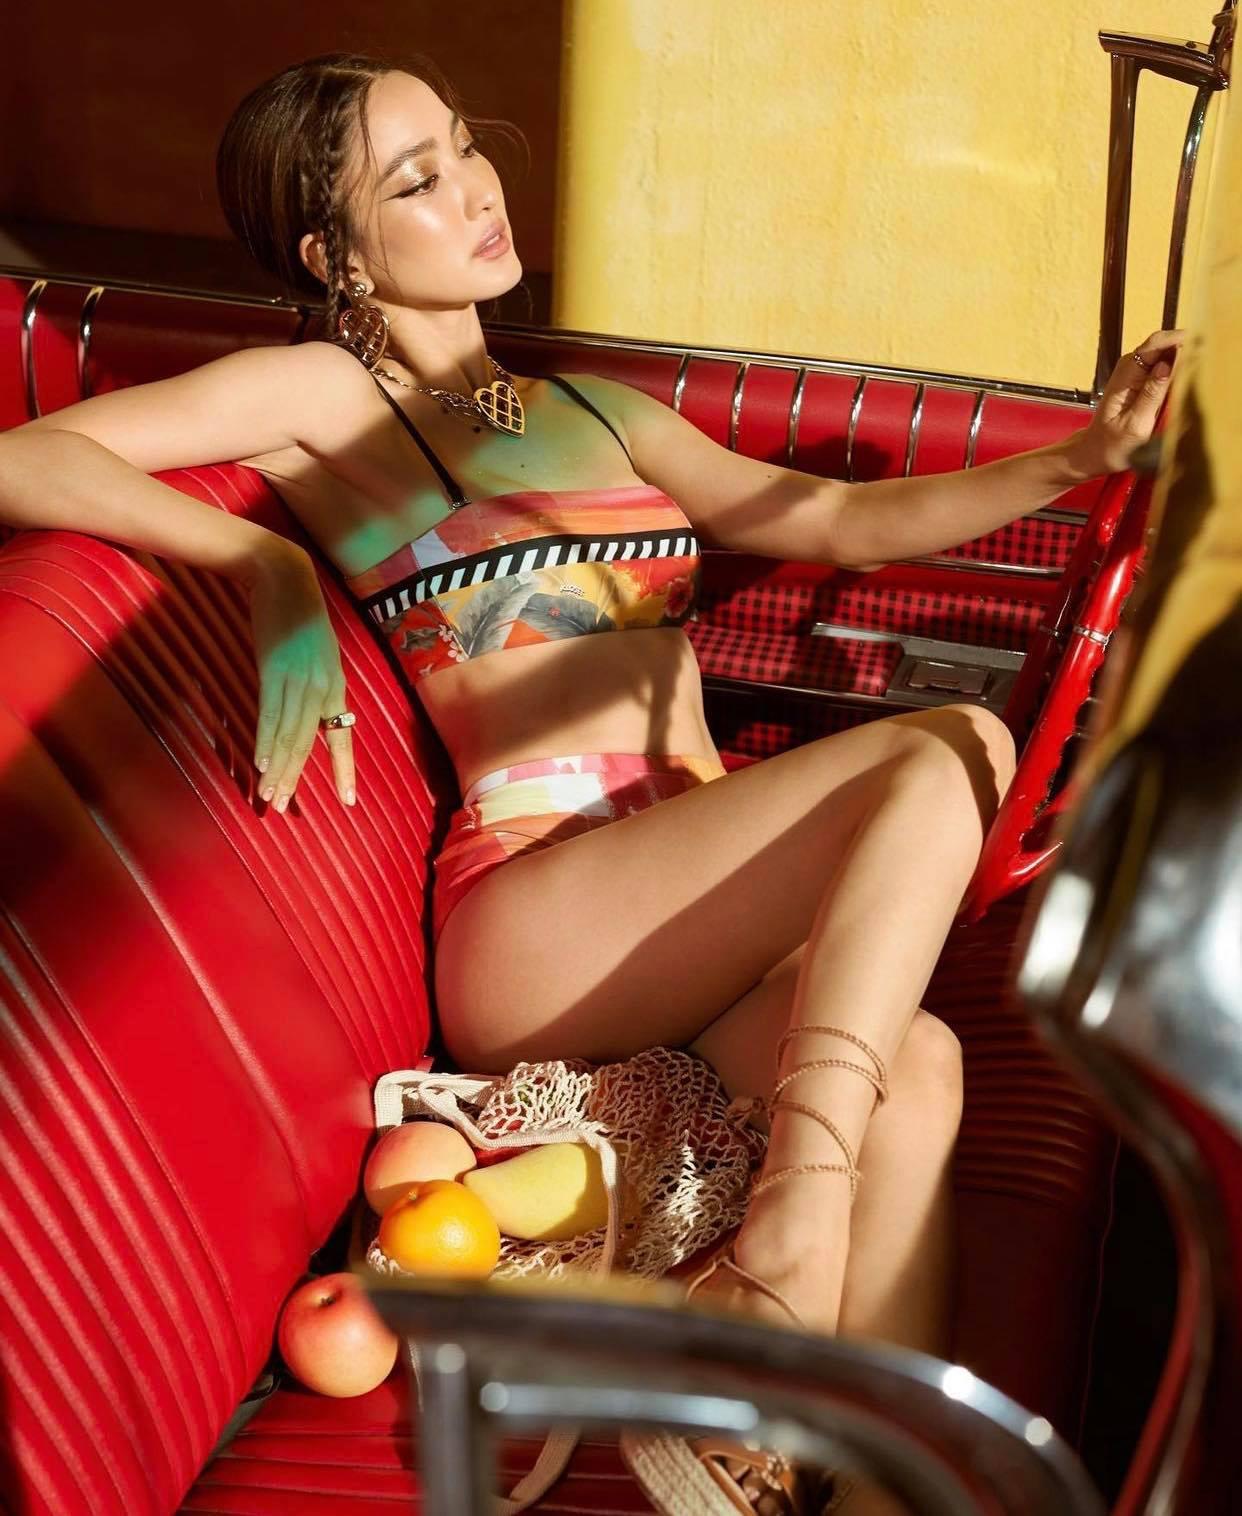 """216417650 129458979251136 2020723795215083754 n 1626159814 336 width1242height1516 """"Nữ thần rắn"""" đẹp nhất Thái Lan """"cắm trại"""" ở phòng tập để có rãnh bụng sâu hun hút"""